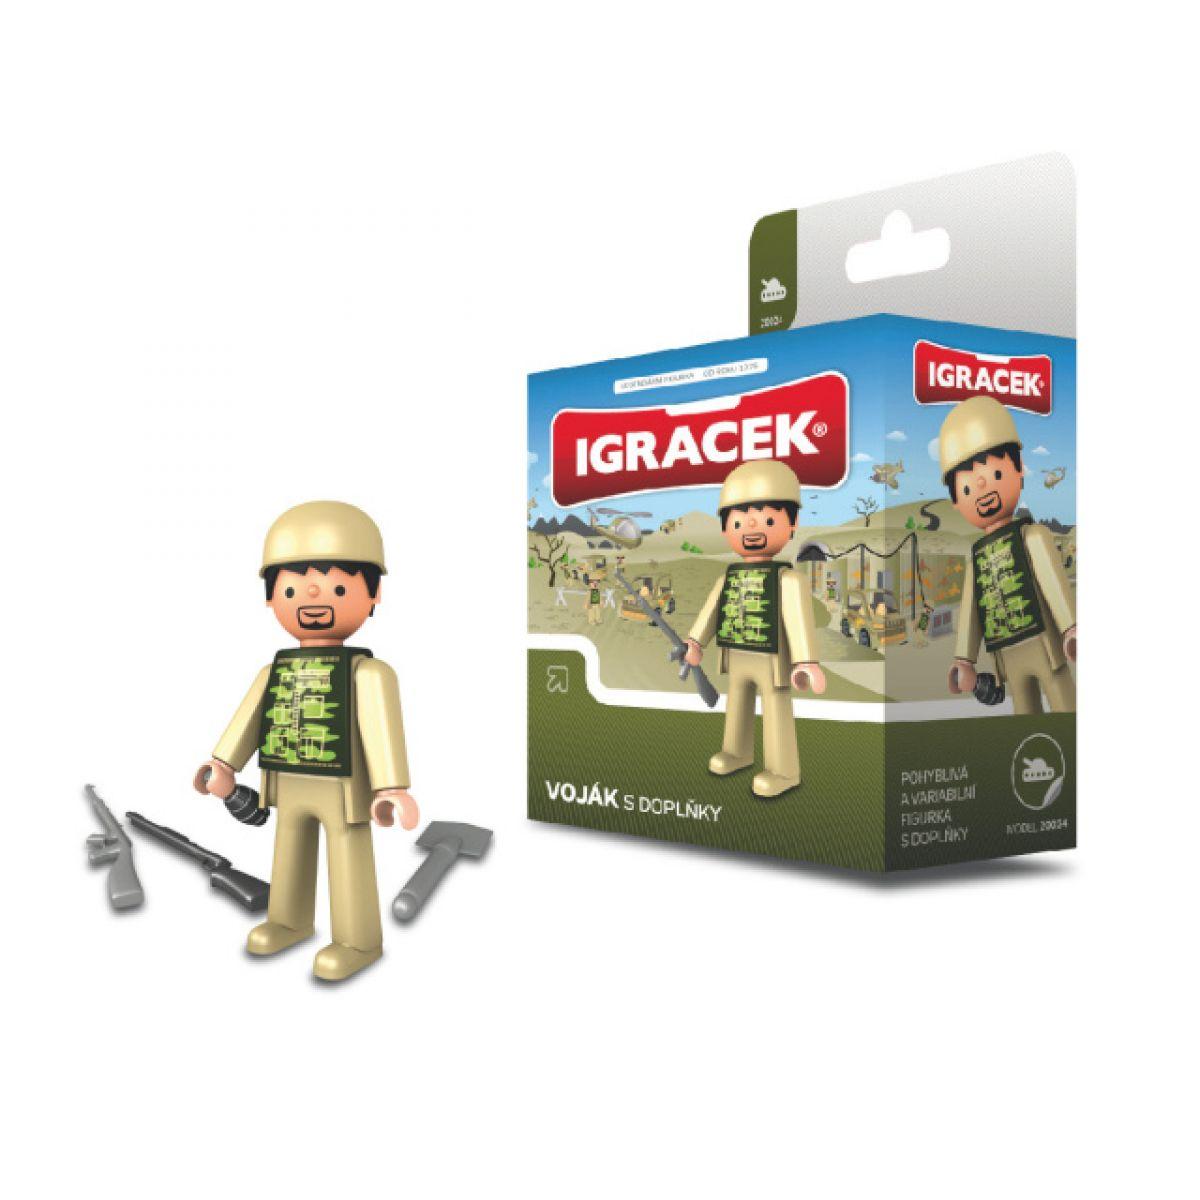 Igráček Voják s doplňky